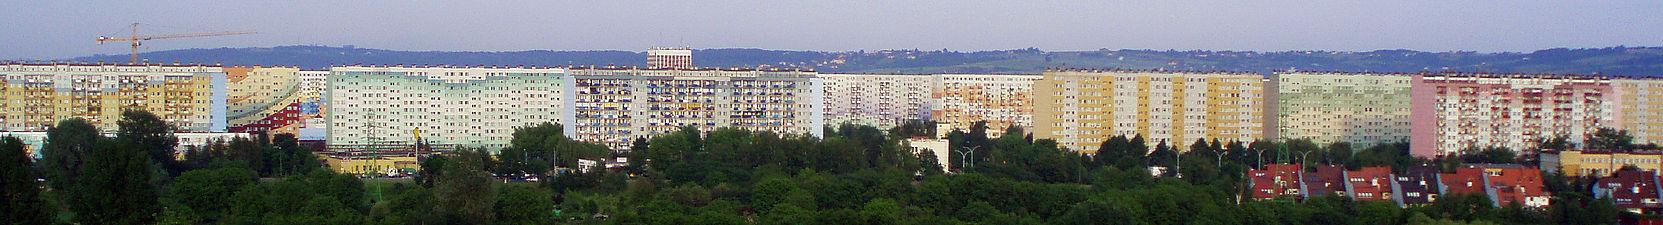 В Польше блочные дома принято раскрашивать в яркие цвета